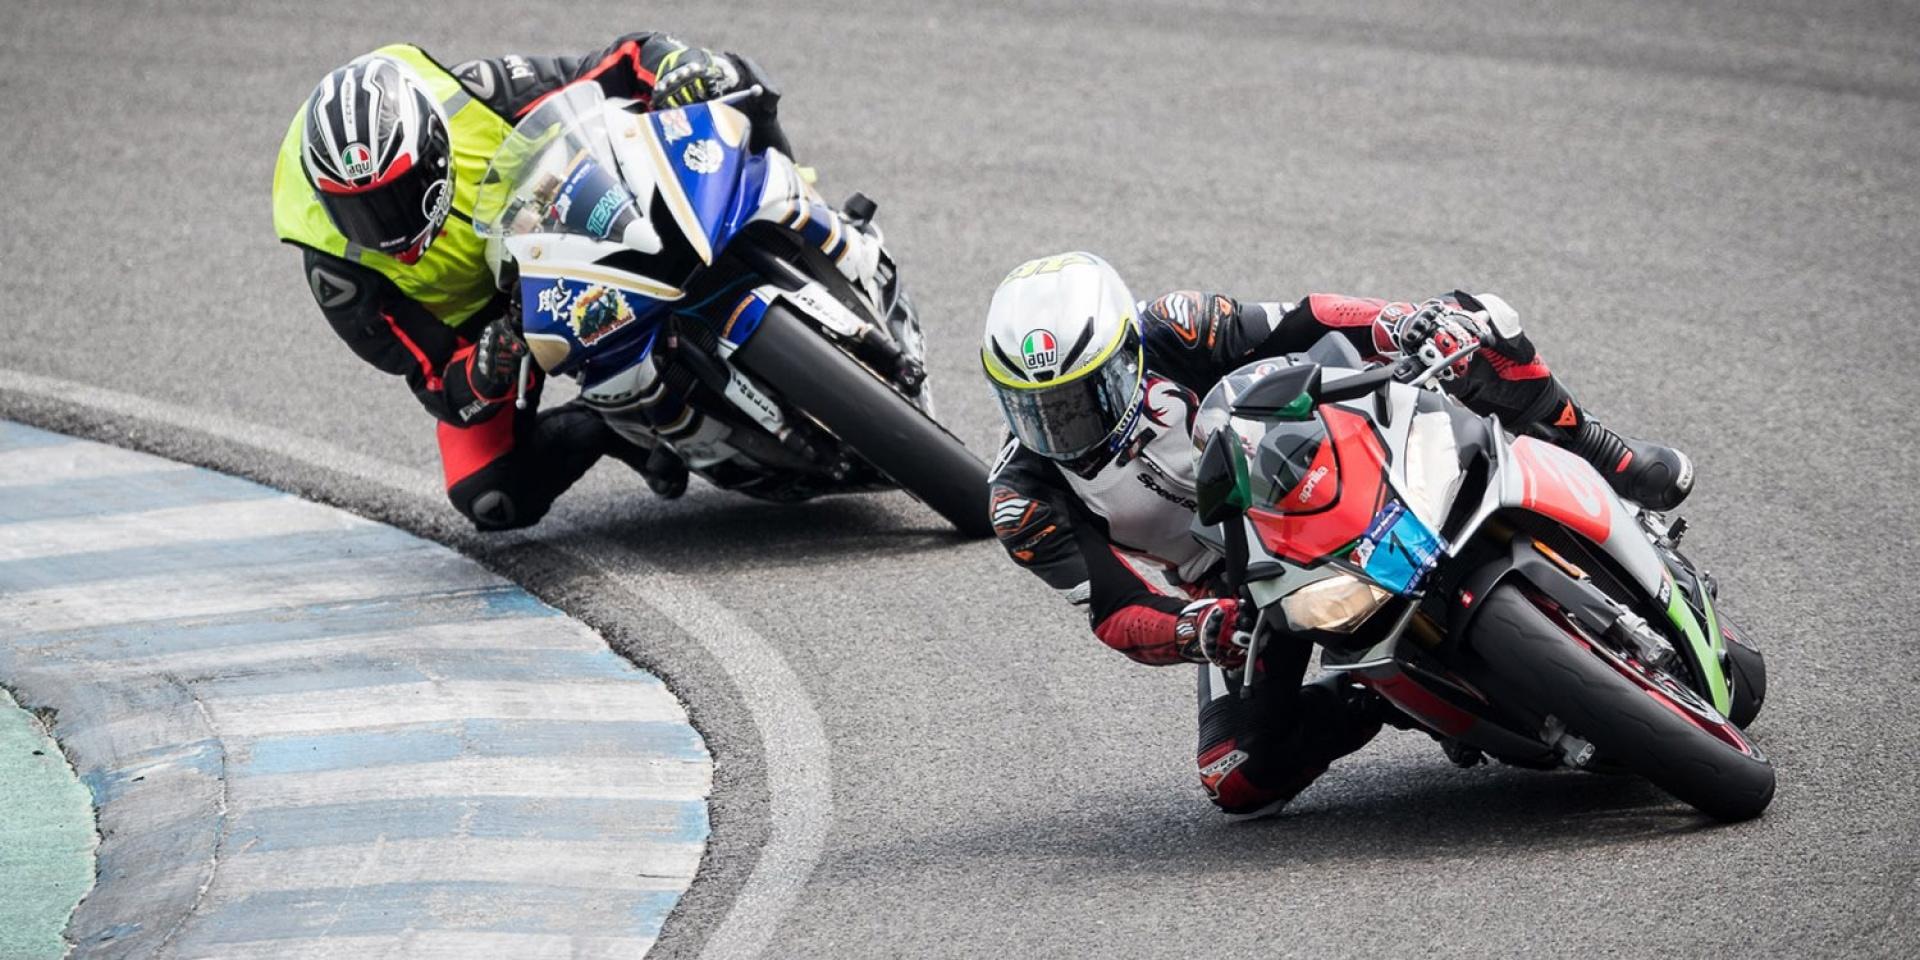 課程再精進,不斷進化的專業講堂,PIC超級摩托車訓練營3.0